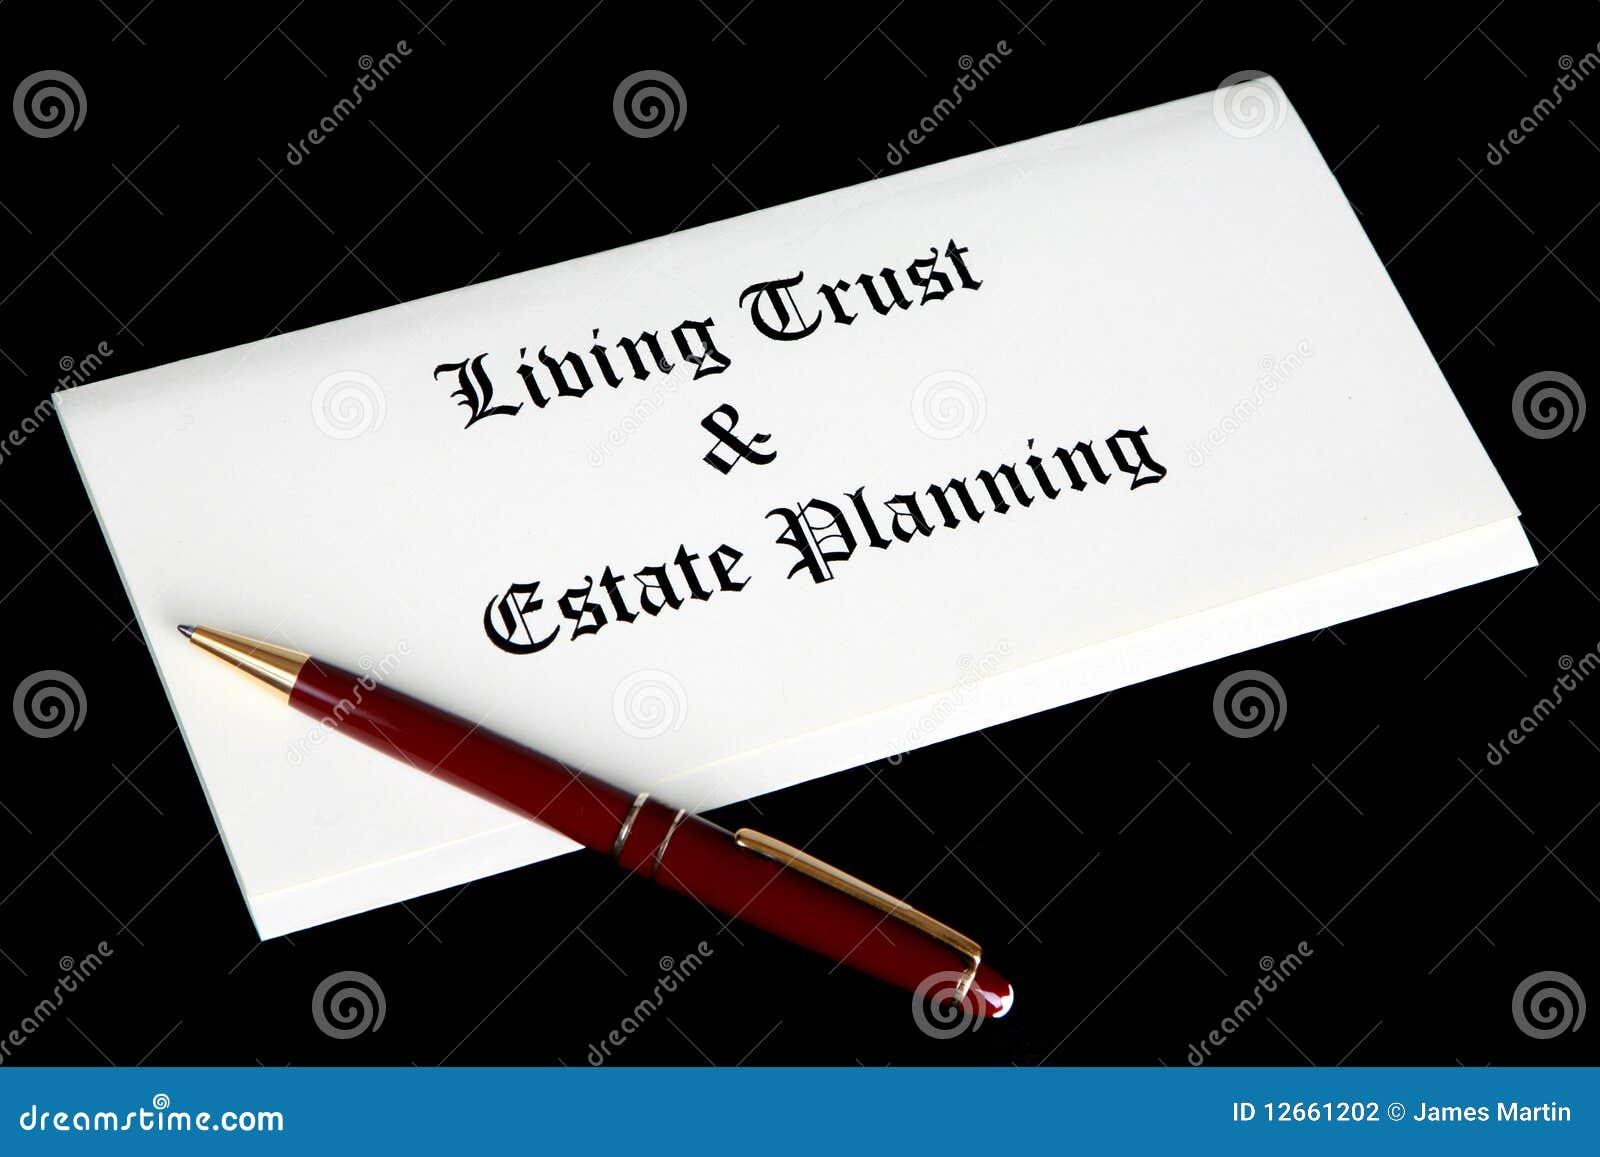 Documentos de hojas de operación (planning) de estado